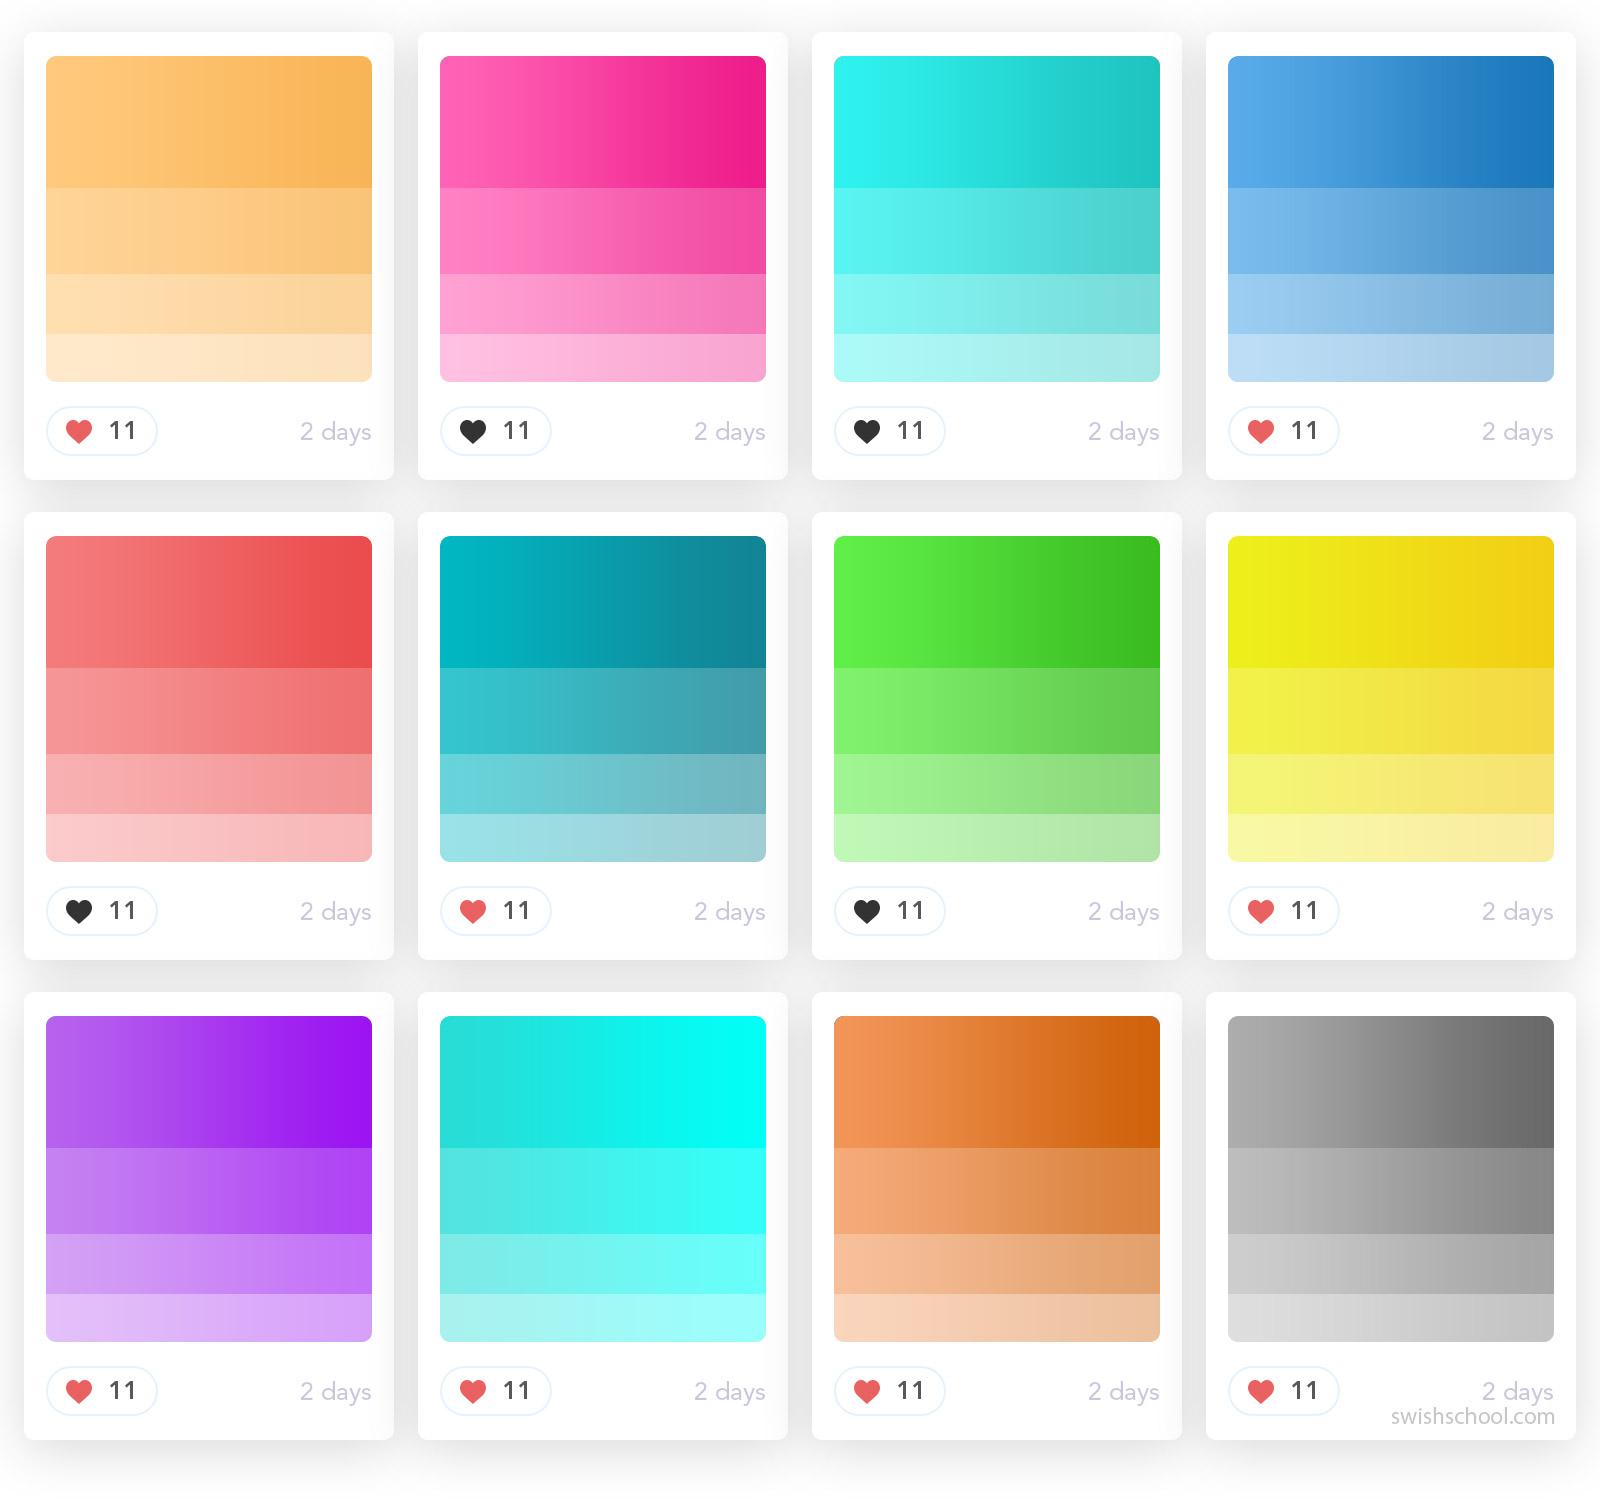 بالتة الوان جاهزه للفوتوشوب Gradient Palettes For Photoshop